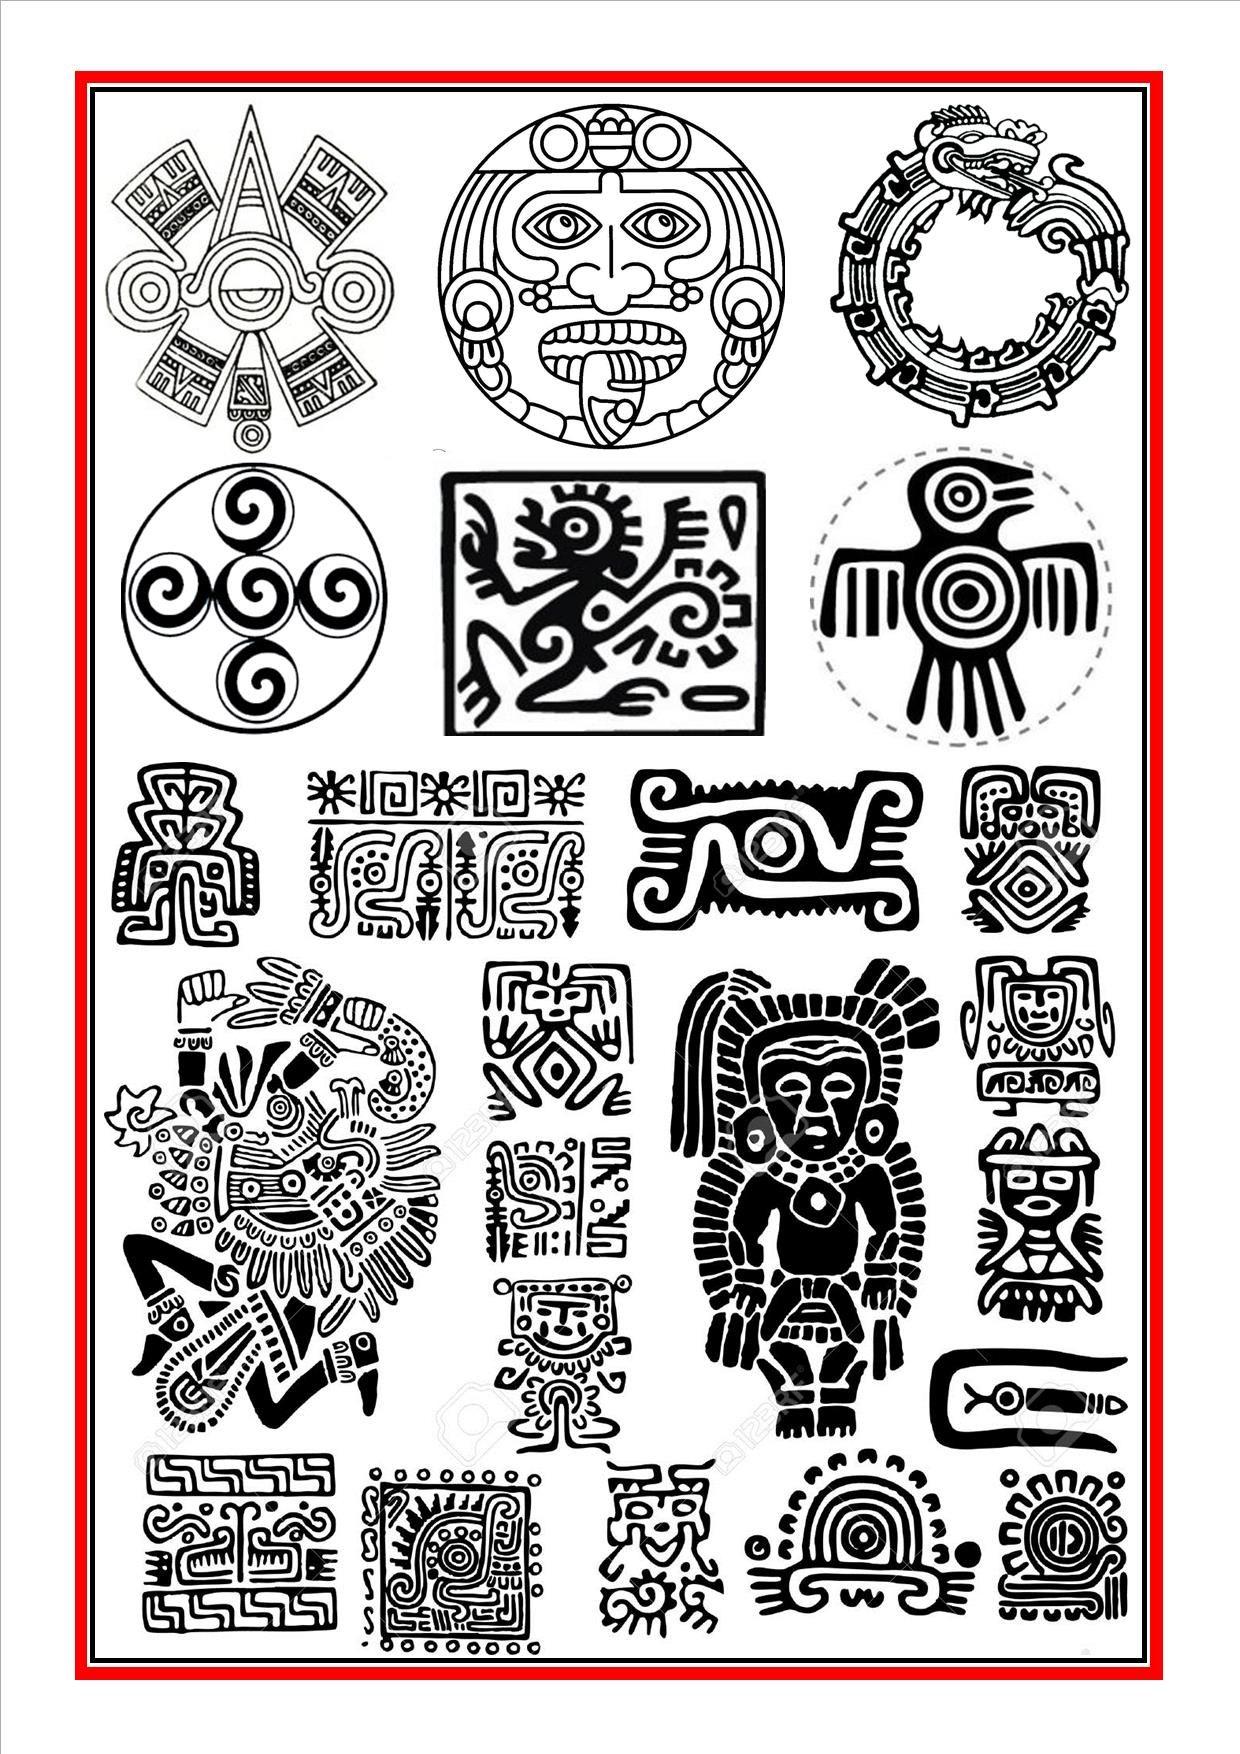 Aztec symbols 1 | Ancient Art | Pinterest | Aztec symbols ...